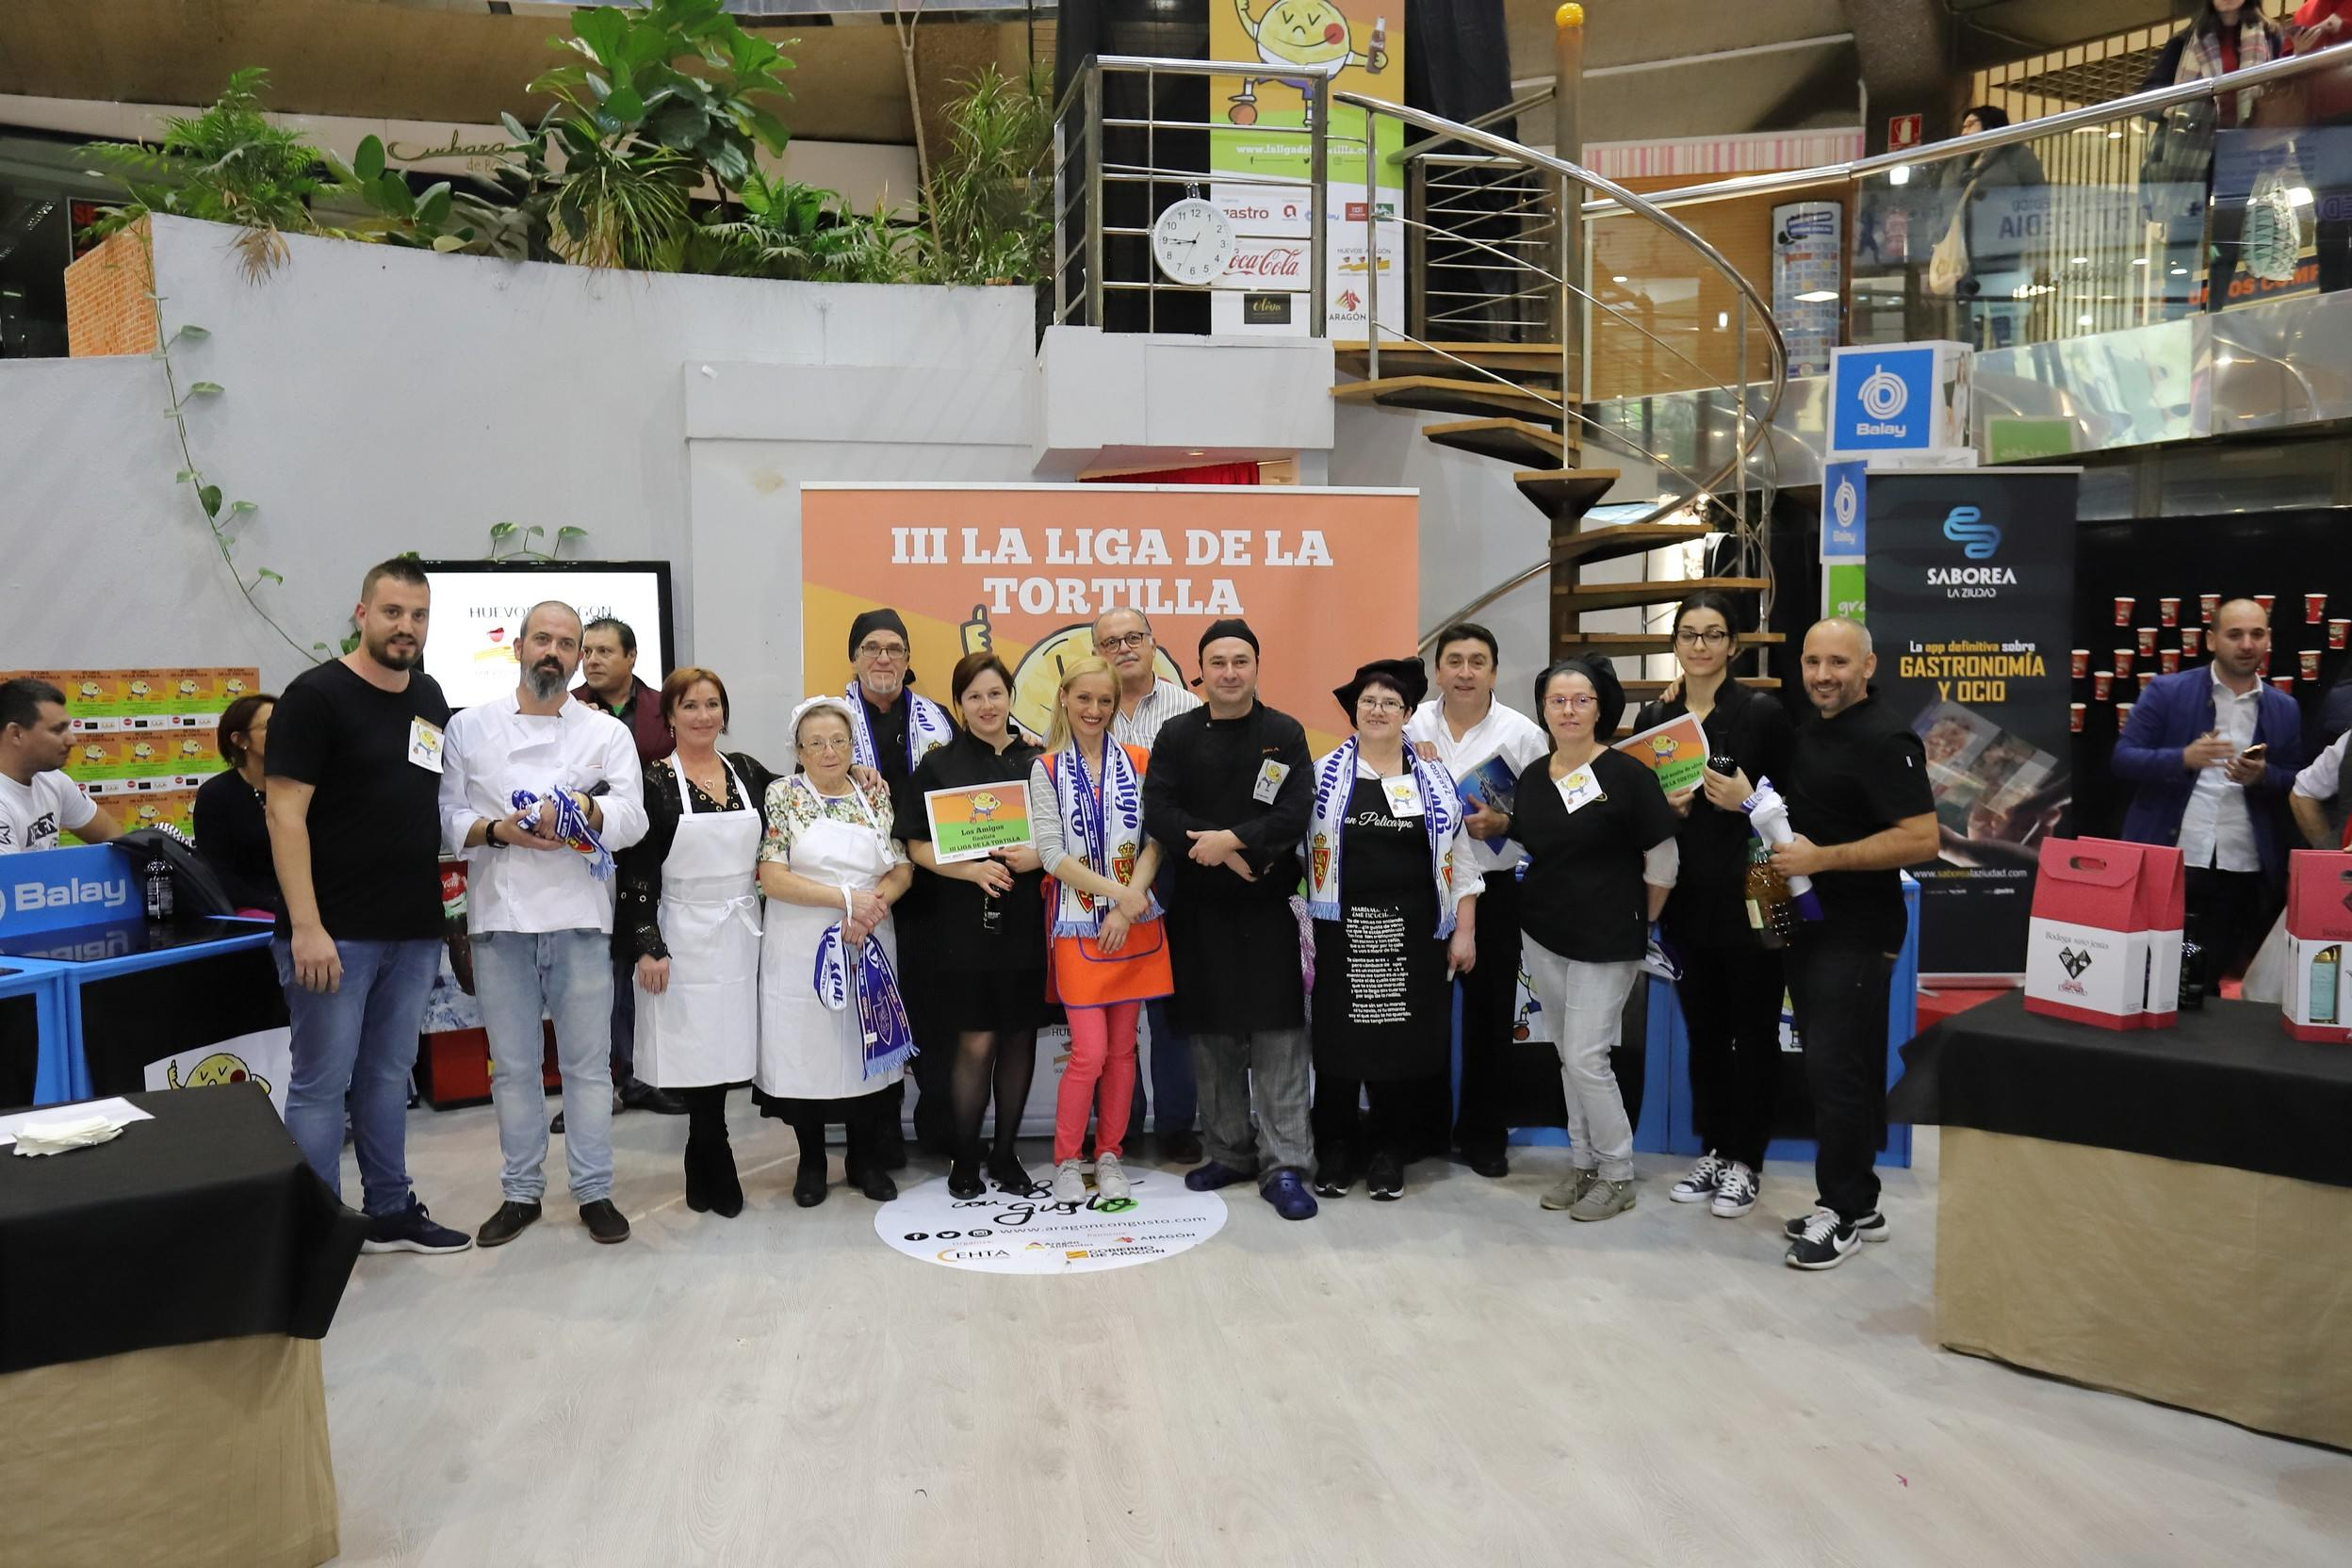 Casa Pascualillo ganala III edición de la Liga de la Tortilla en Zaragoza